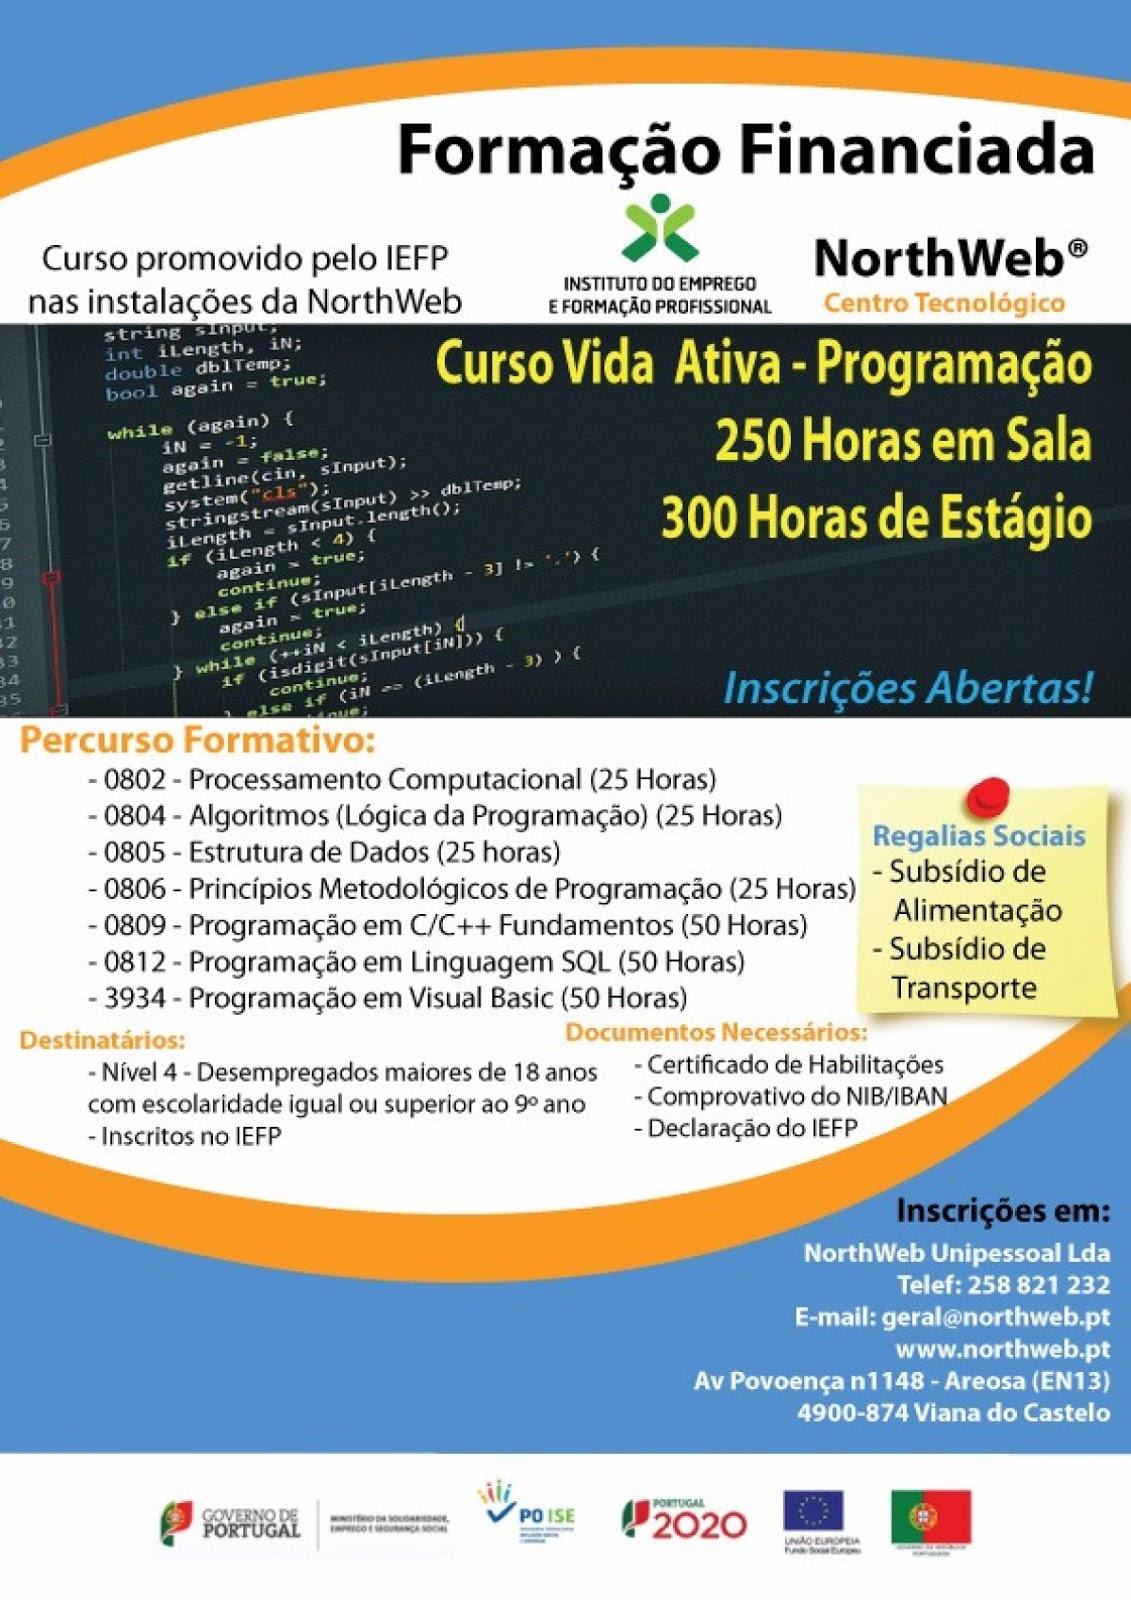 Formação financiada para desempregados/as – Viana do Castelo (Curso Vida Ativa de Programação)